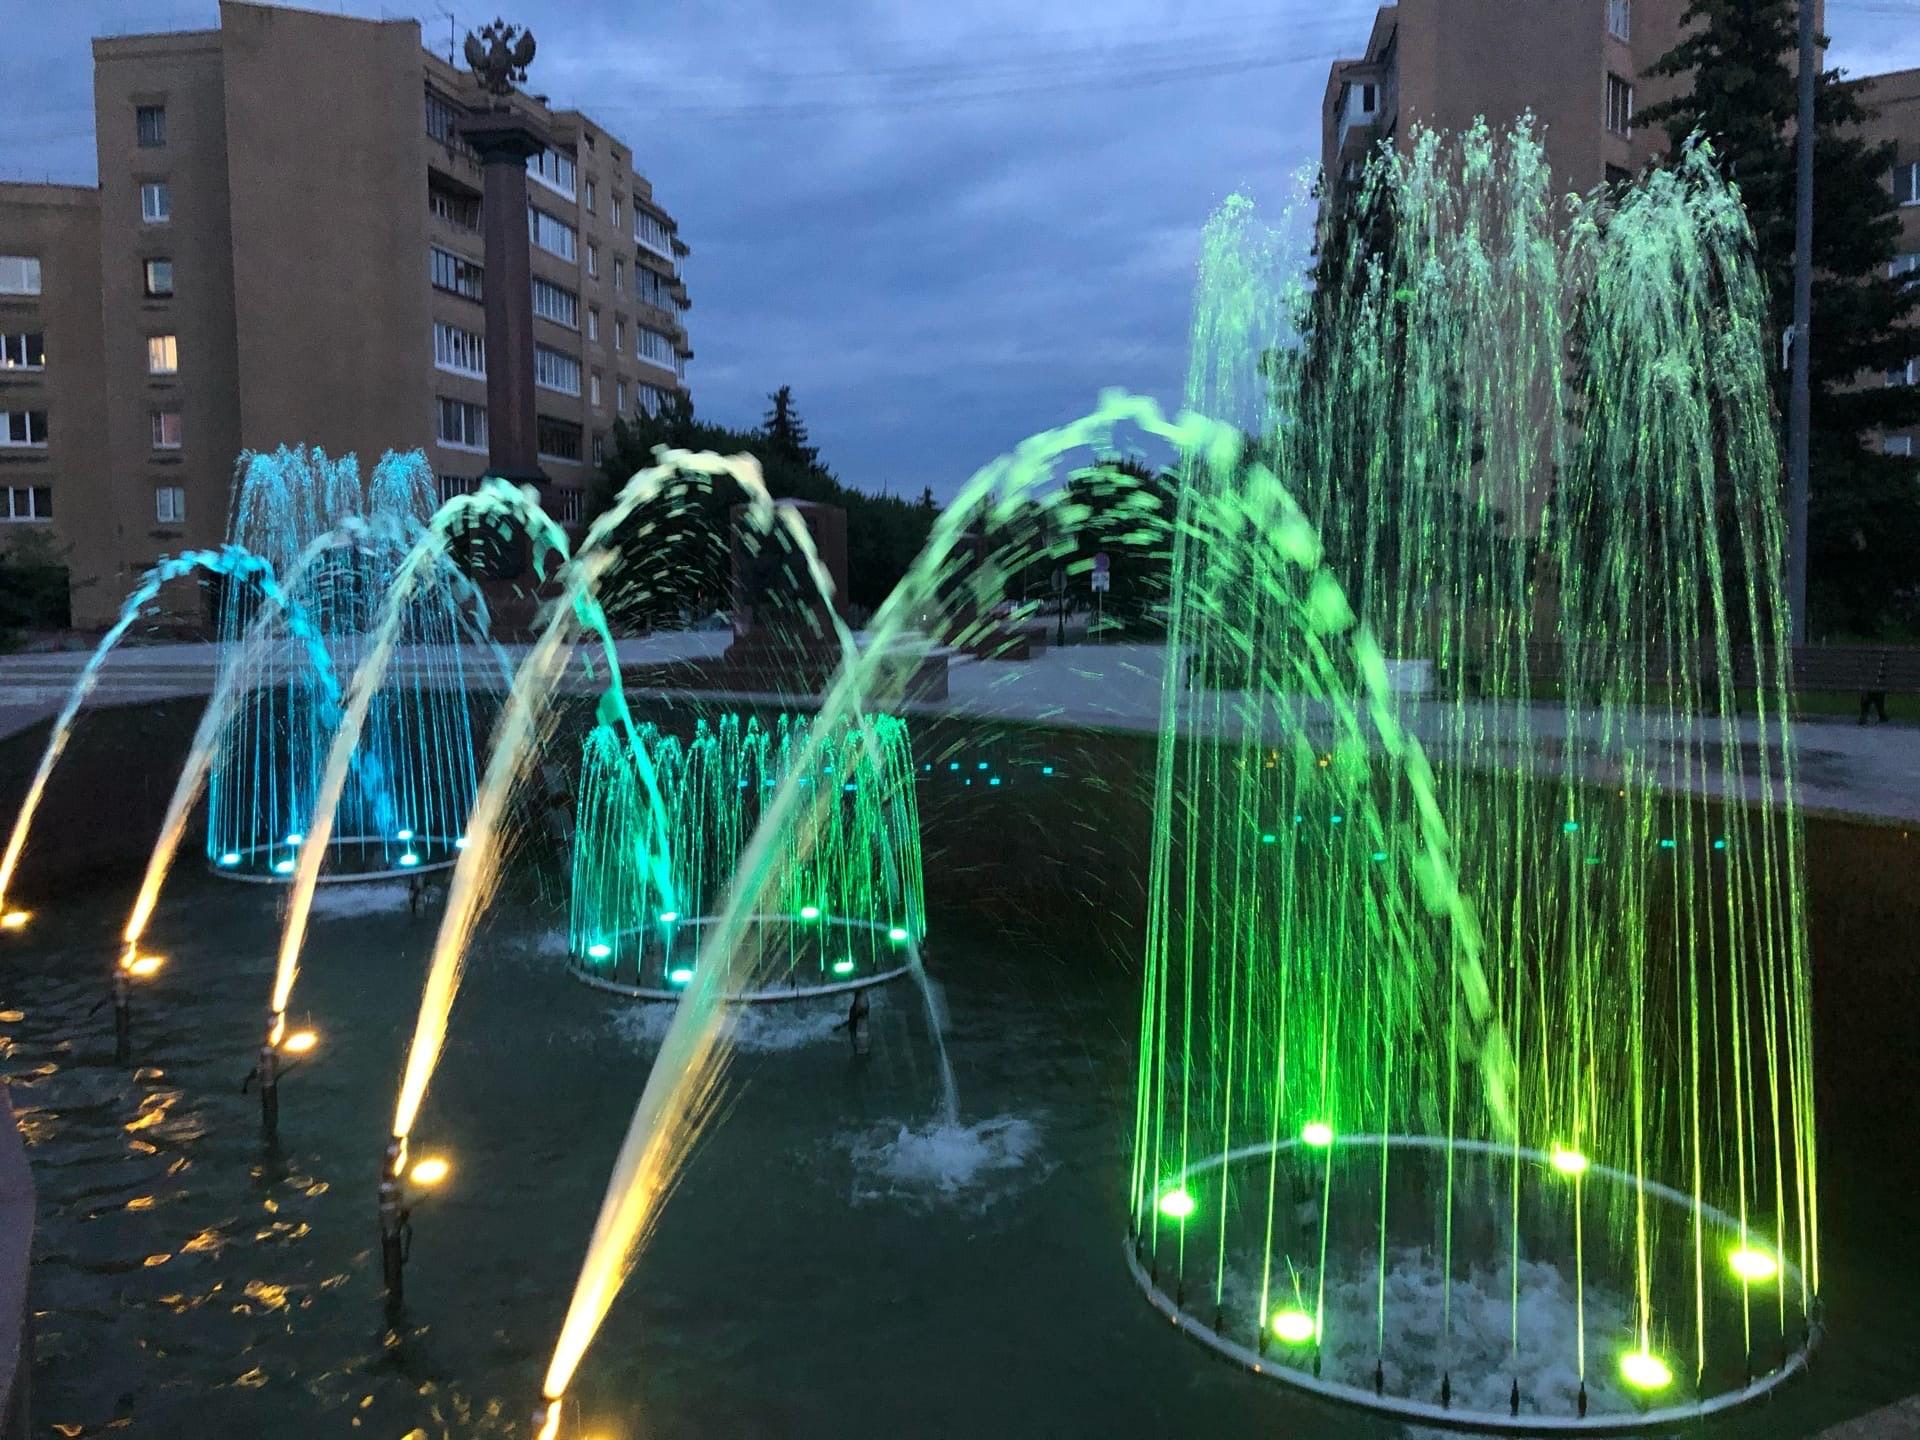 Ночная красота: жители Твери снимают фото и видео у фонтанов с подсветкой